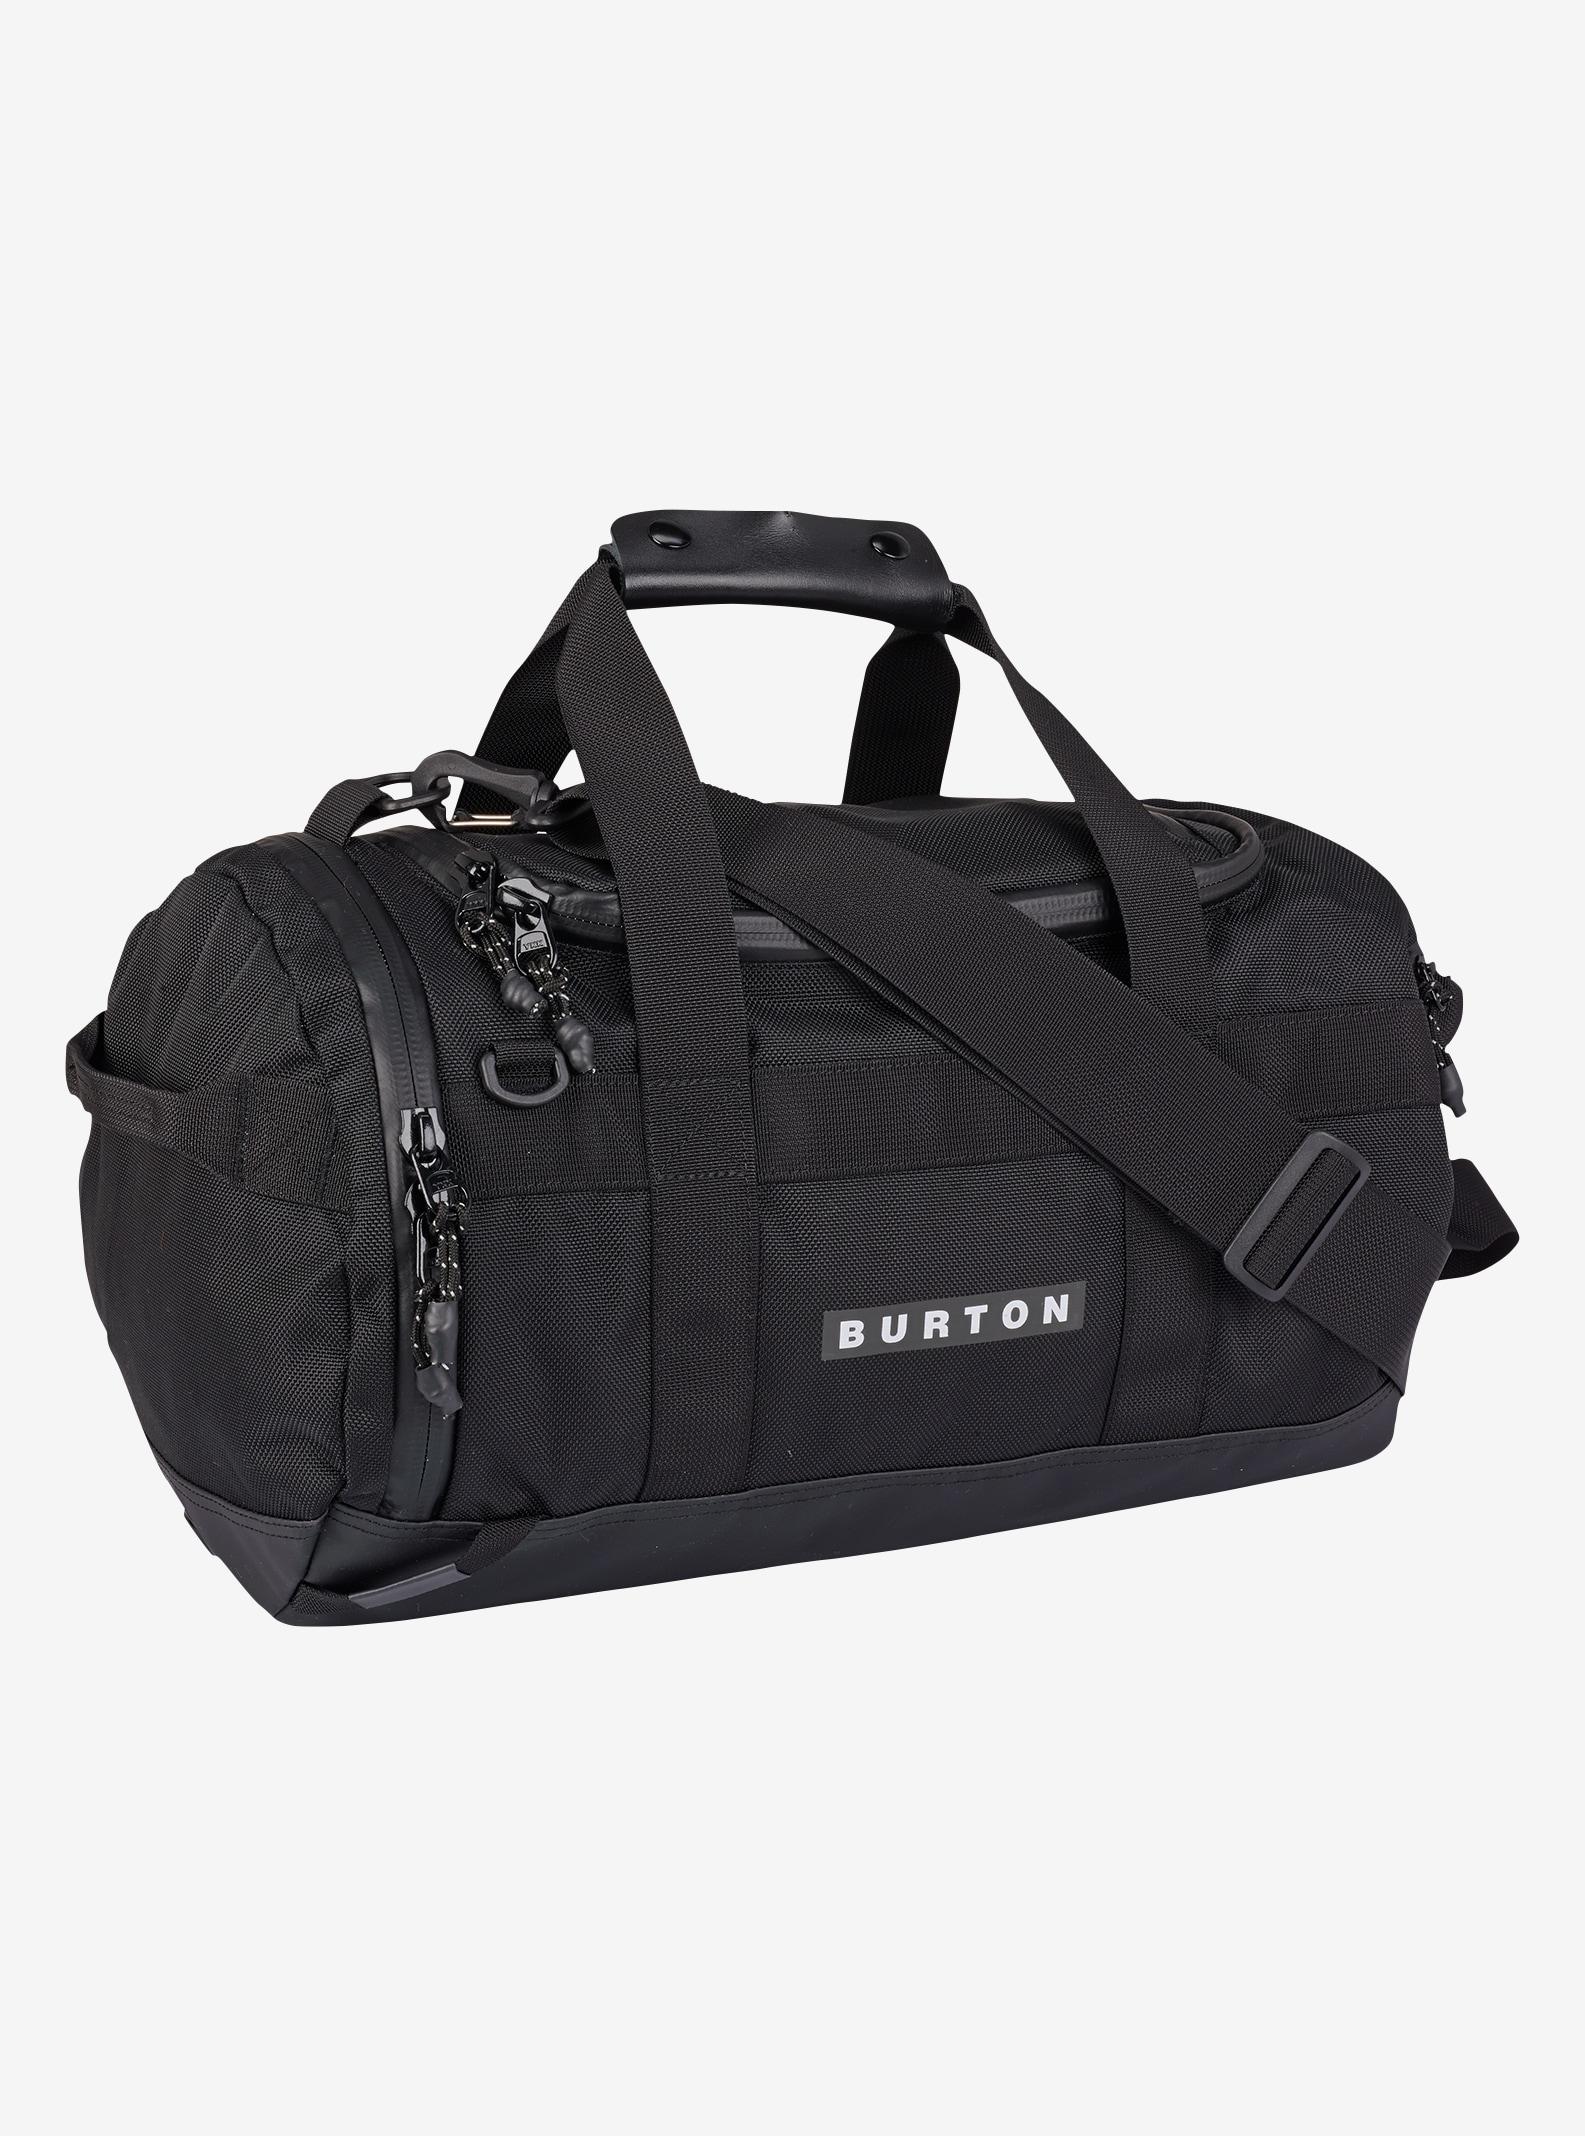 Burton Backhill Duffel Bag X-Small 25L shown in True Black Ballistic